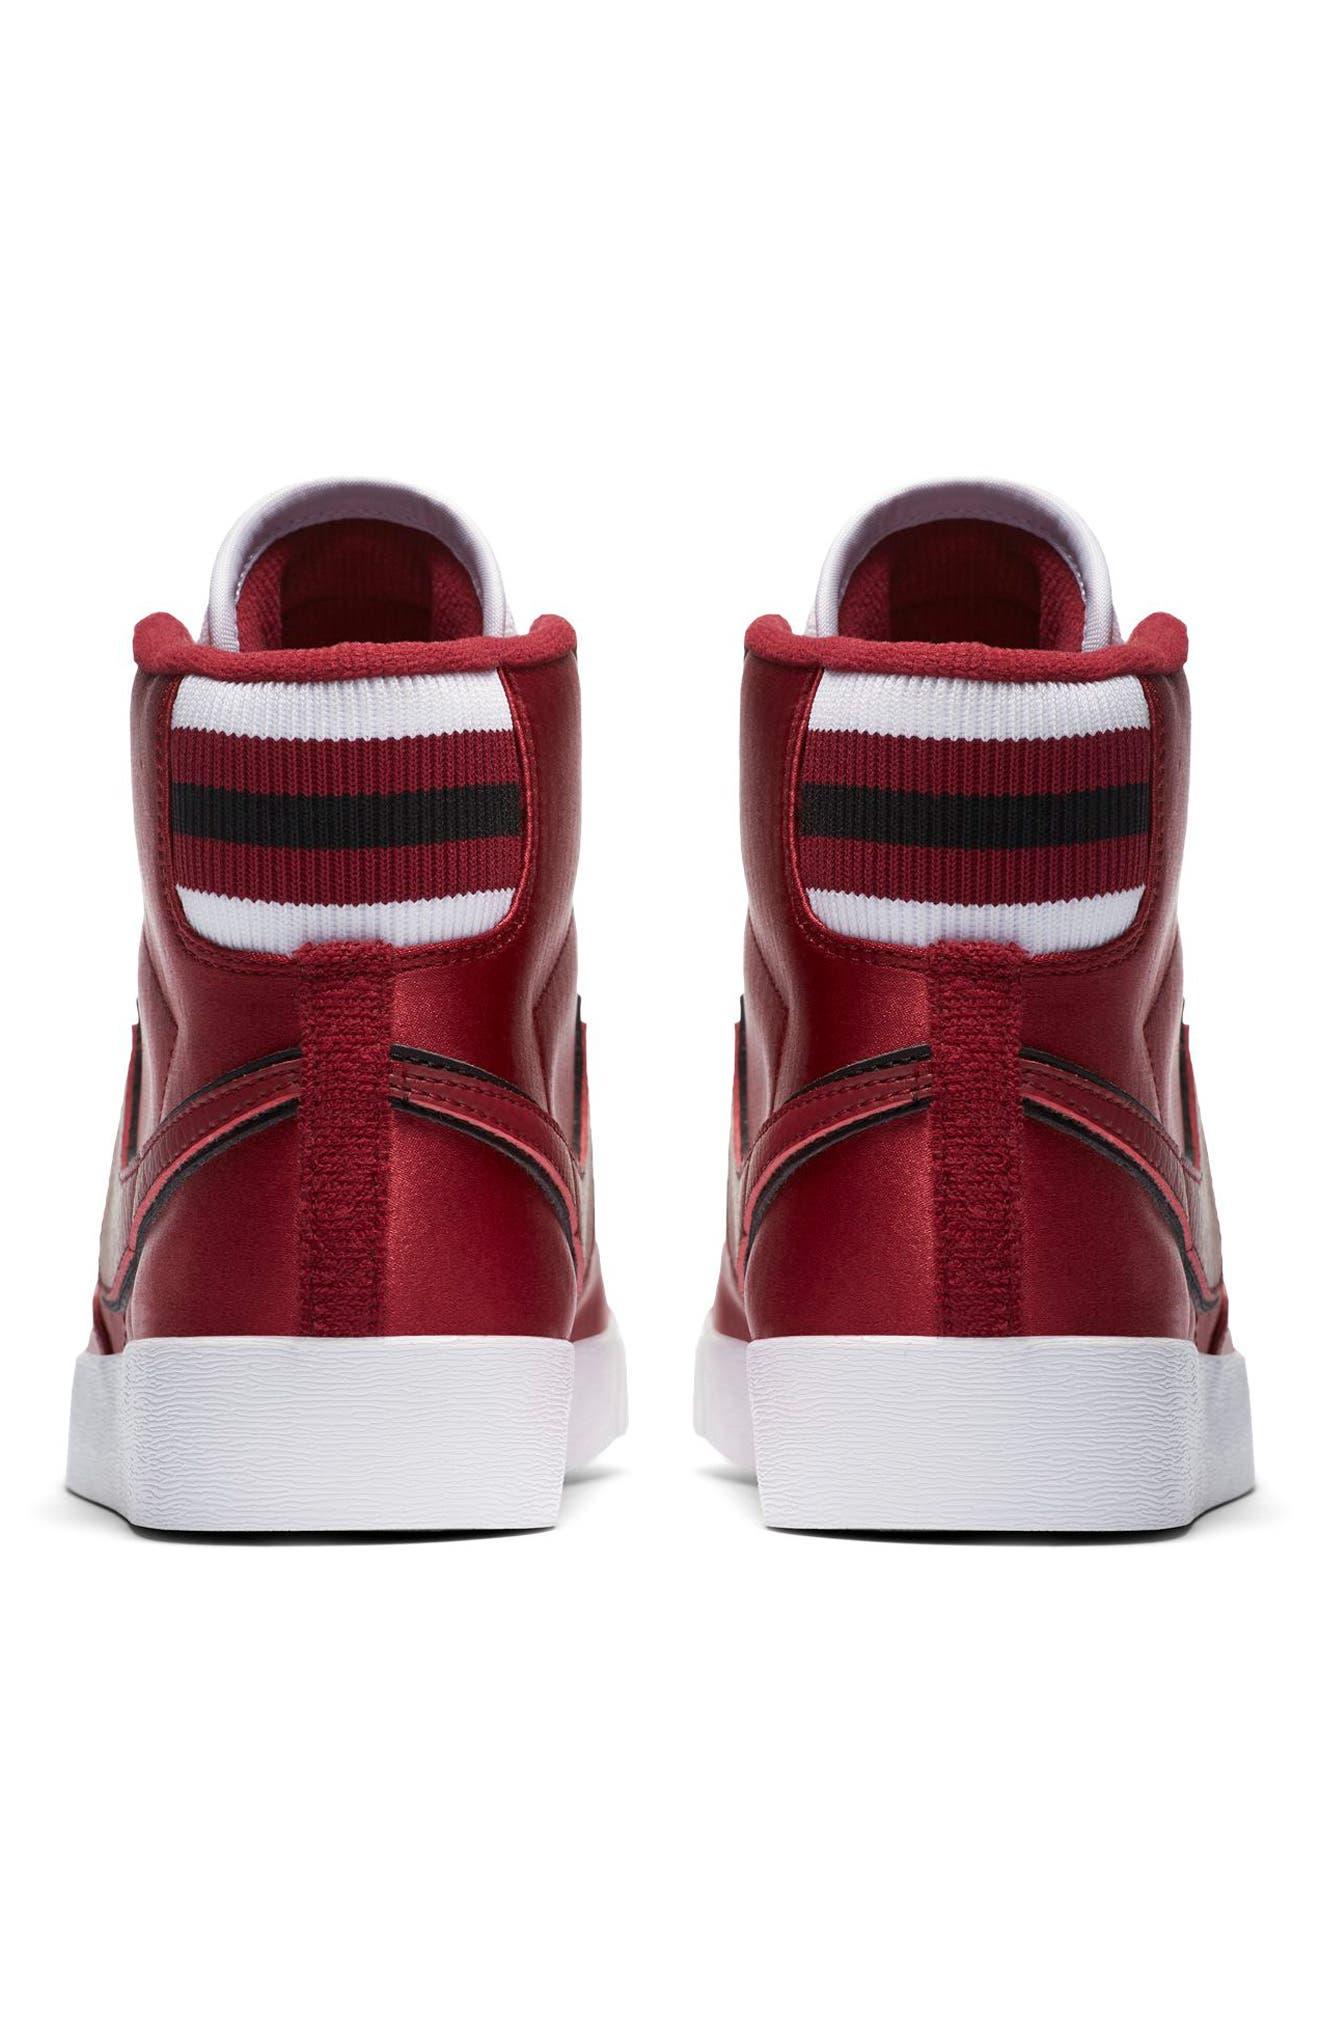 Blazer Mid Top Sneaker,                             Alternate thumbnail 2, color,                             RED CRUSH/ WHITE/ BLACK